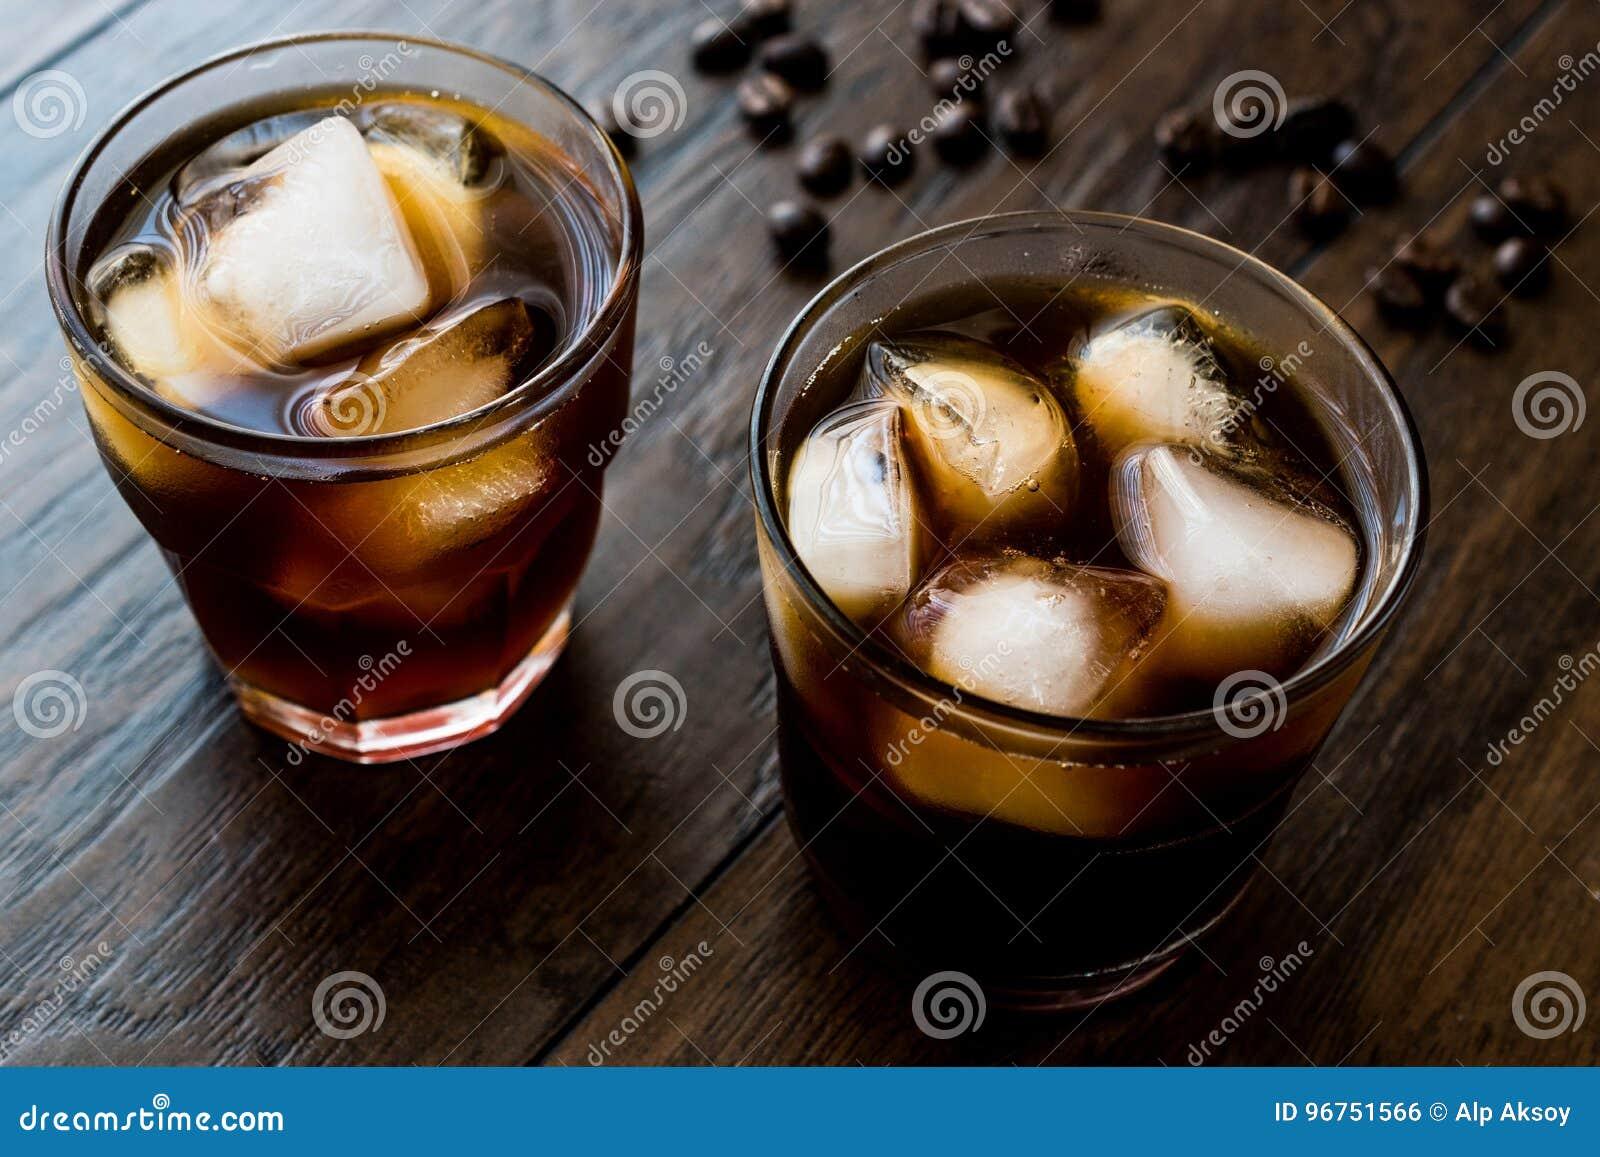 Kallt brygdkaffe med is eller med is kaffe